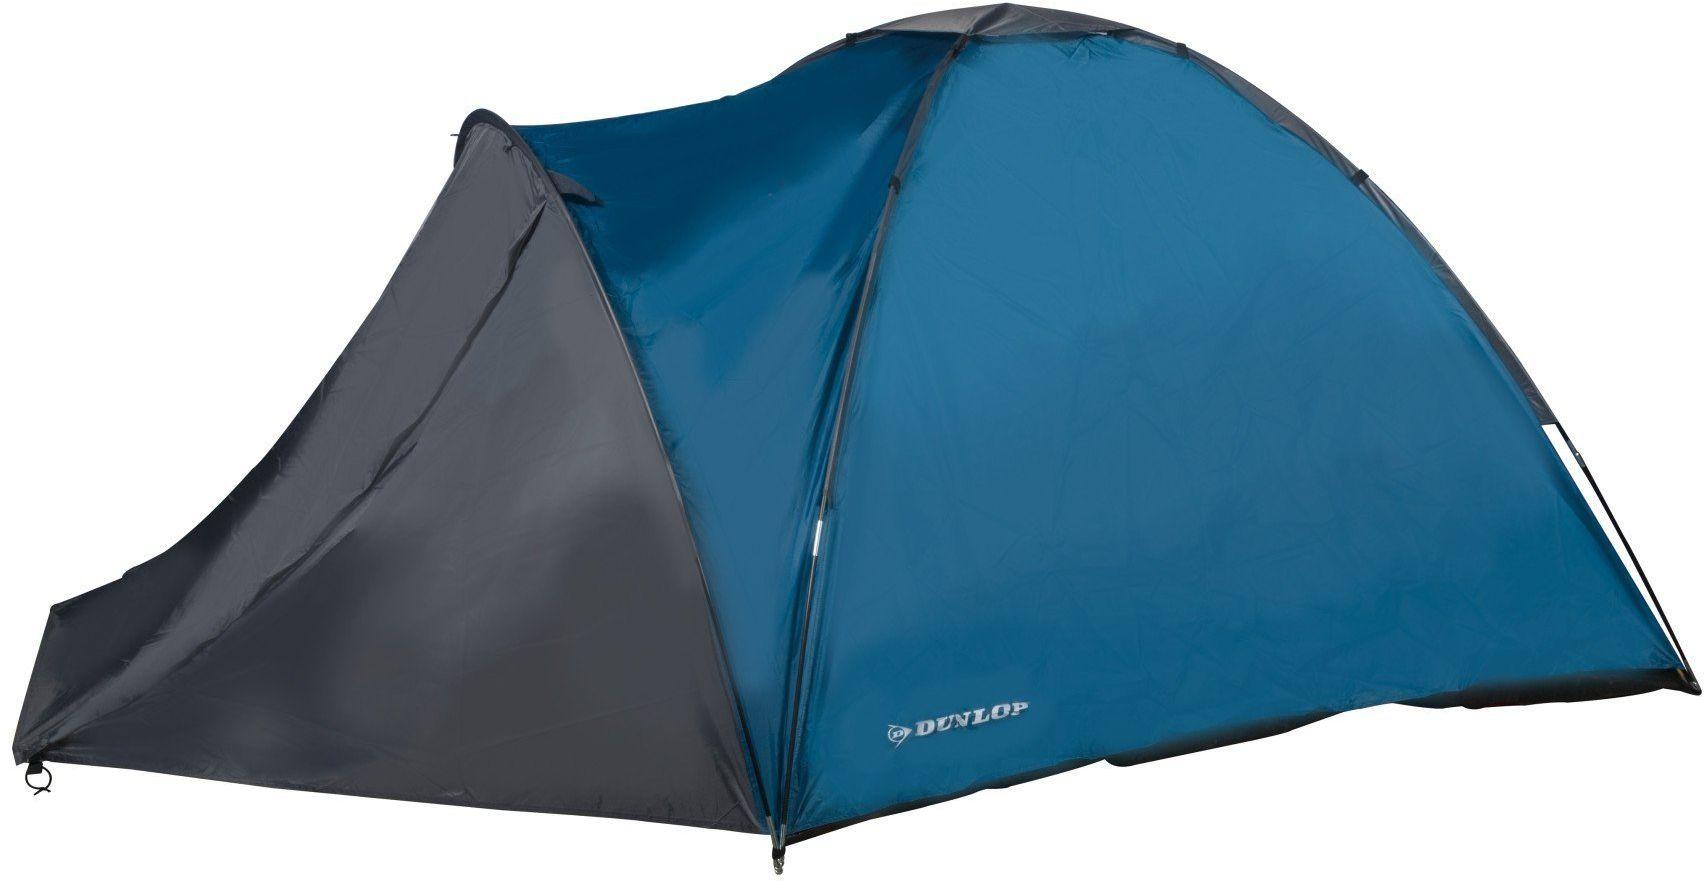 Namiot iglo 3osobowy z przedsionkiem Dunlop